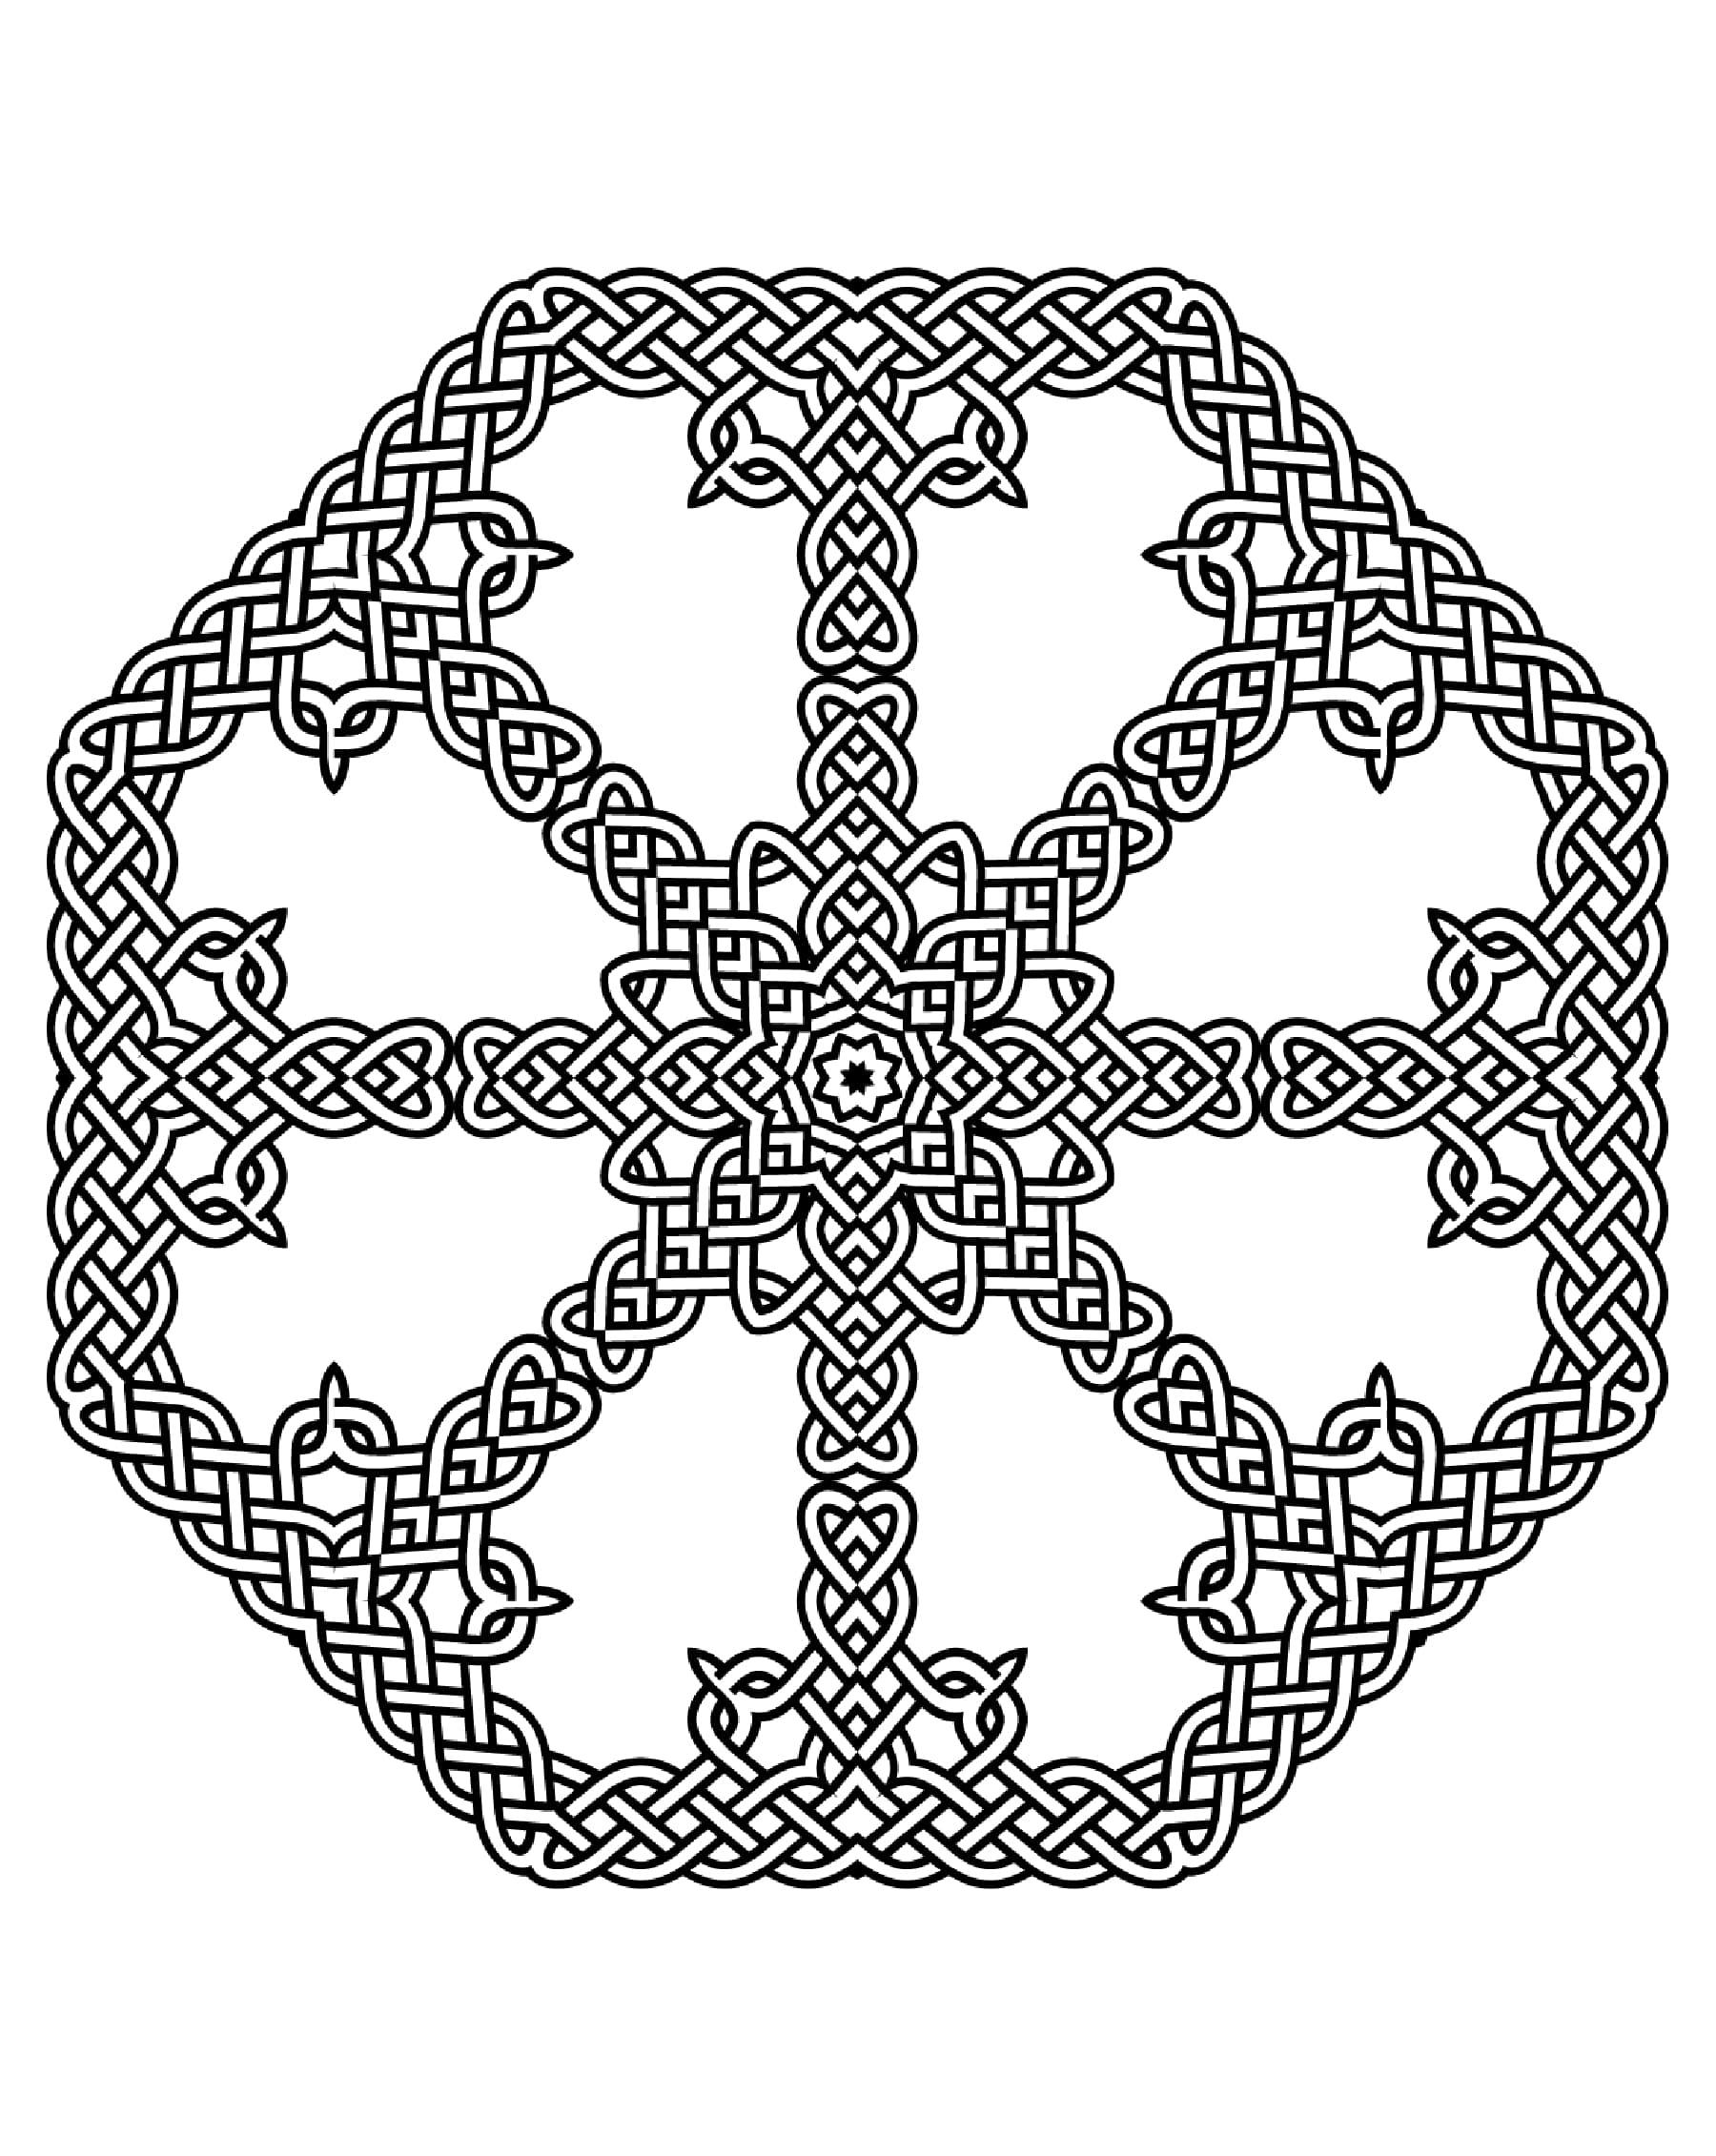 Coloriage Anti Stress Celtique.Joli Mandala Harmonieux Celtique Mandalas Difficiles Pour